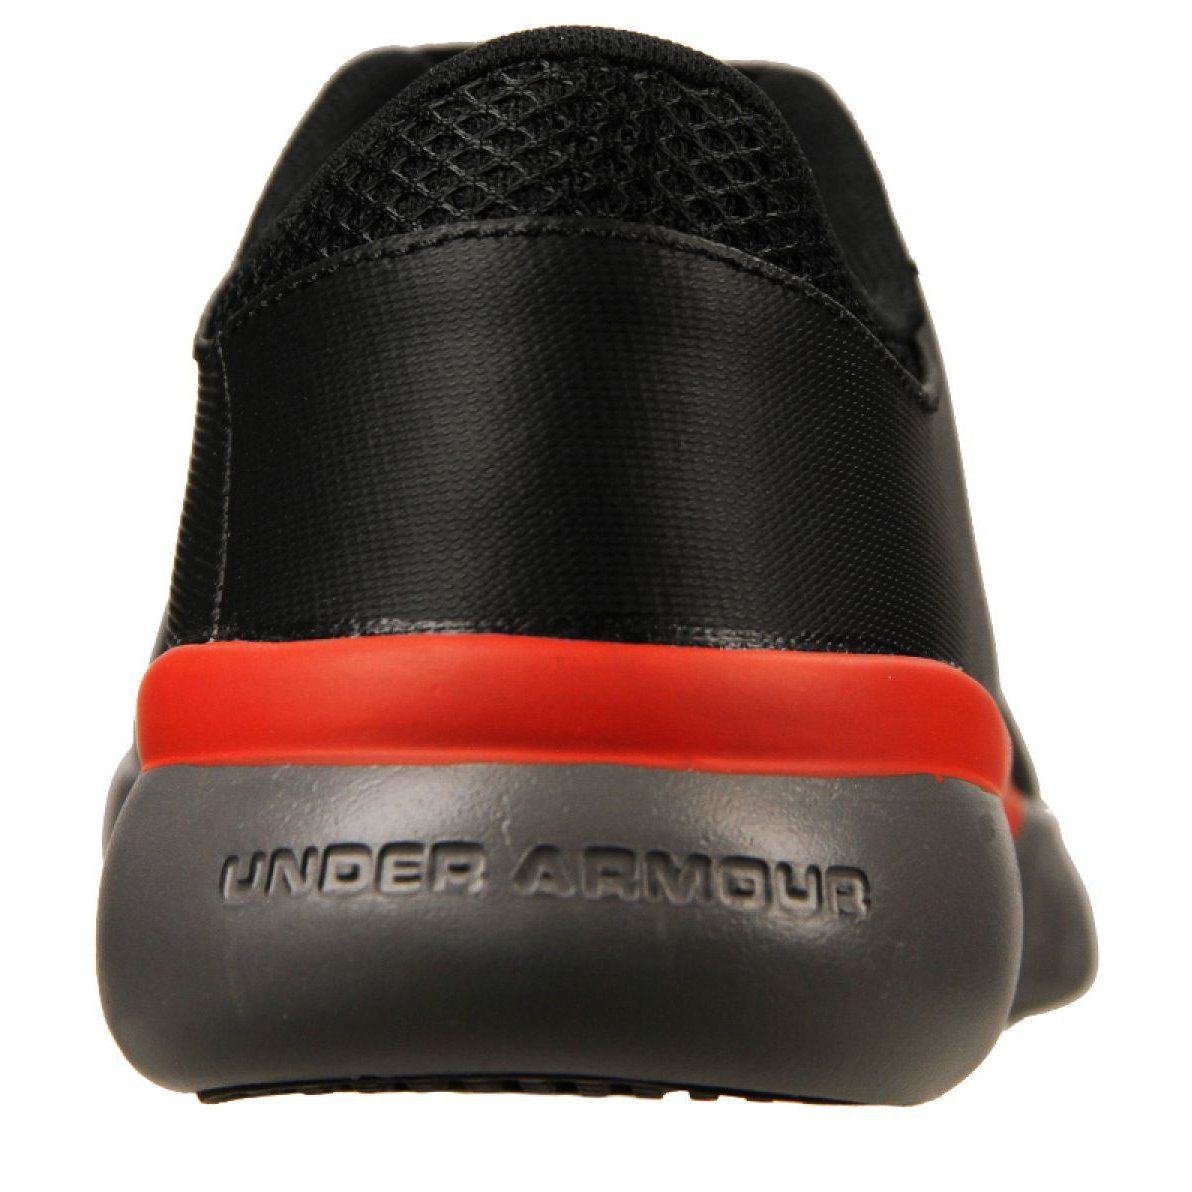 Buty Treningowe Under Armour Zone 3 Nm M 3020753 001 Czarne Under Armor Training Shoes Under Armour